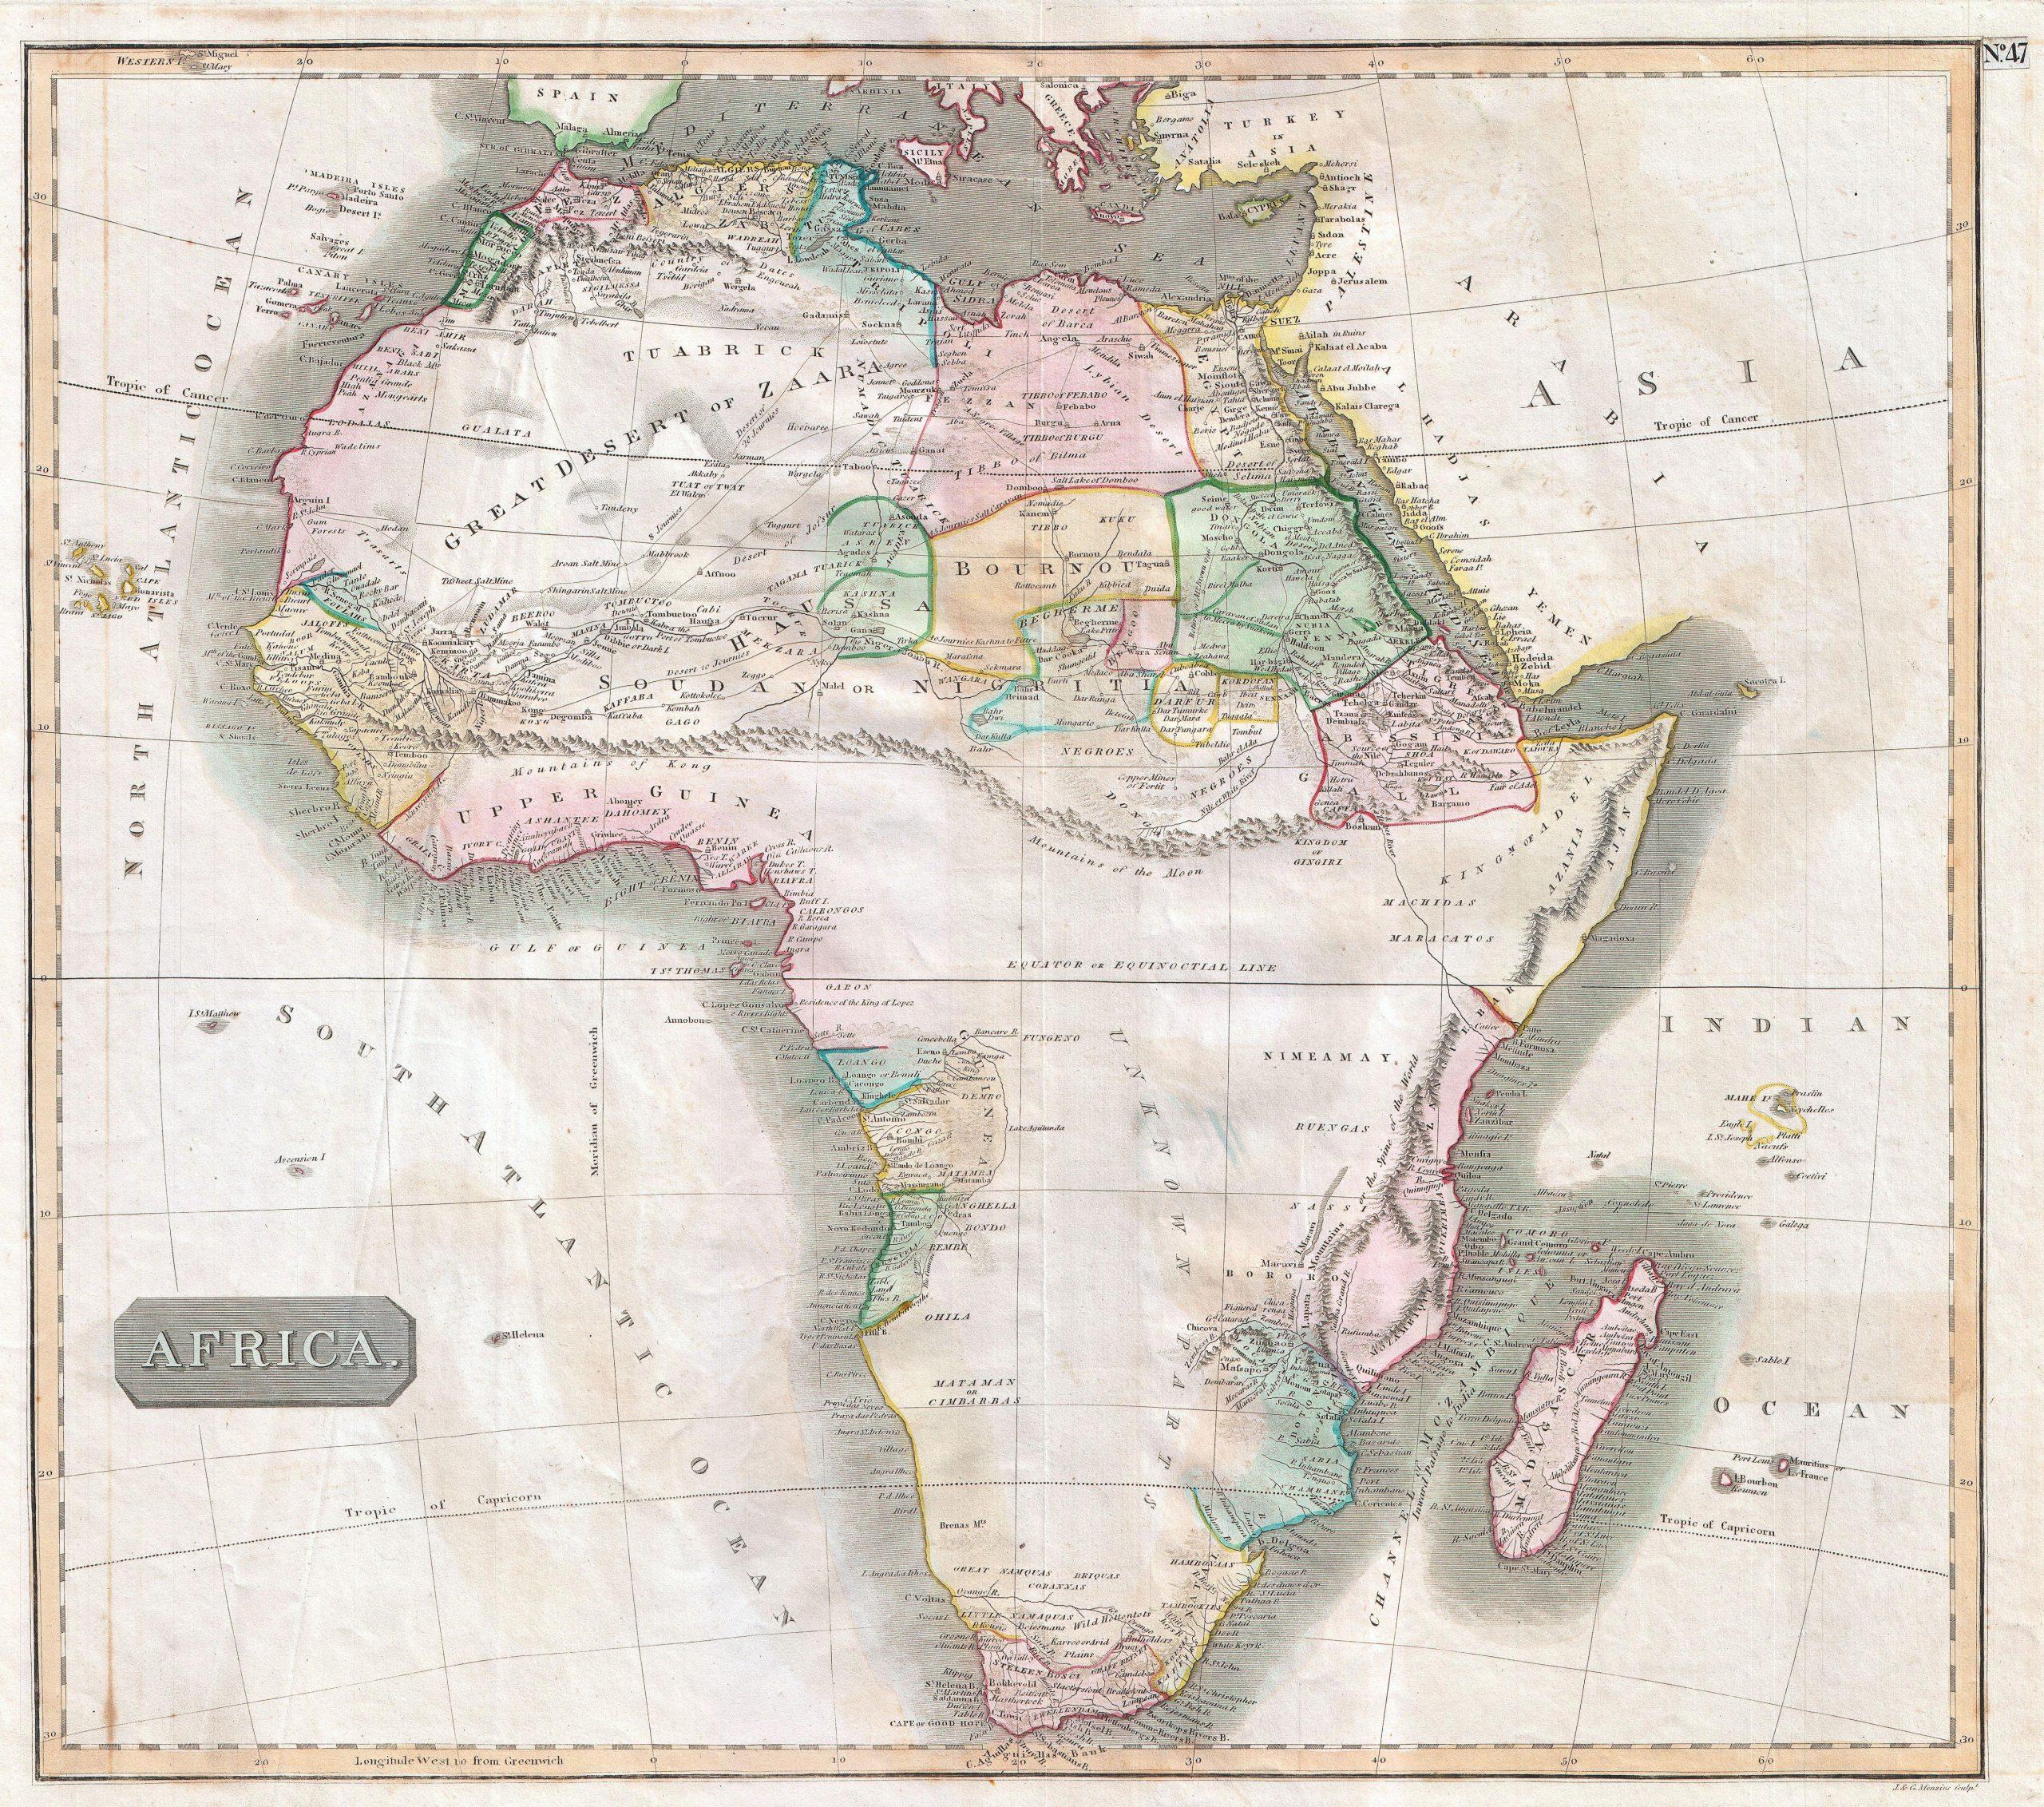 Exploration Européenne De L'afrique — Wikipédia intérieur Carte Europe Sans Nom Des Pays